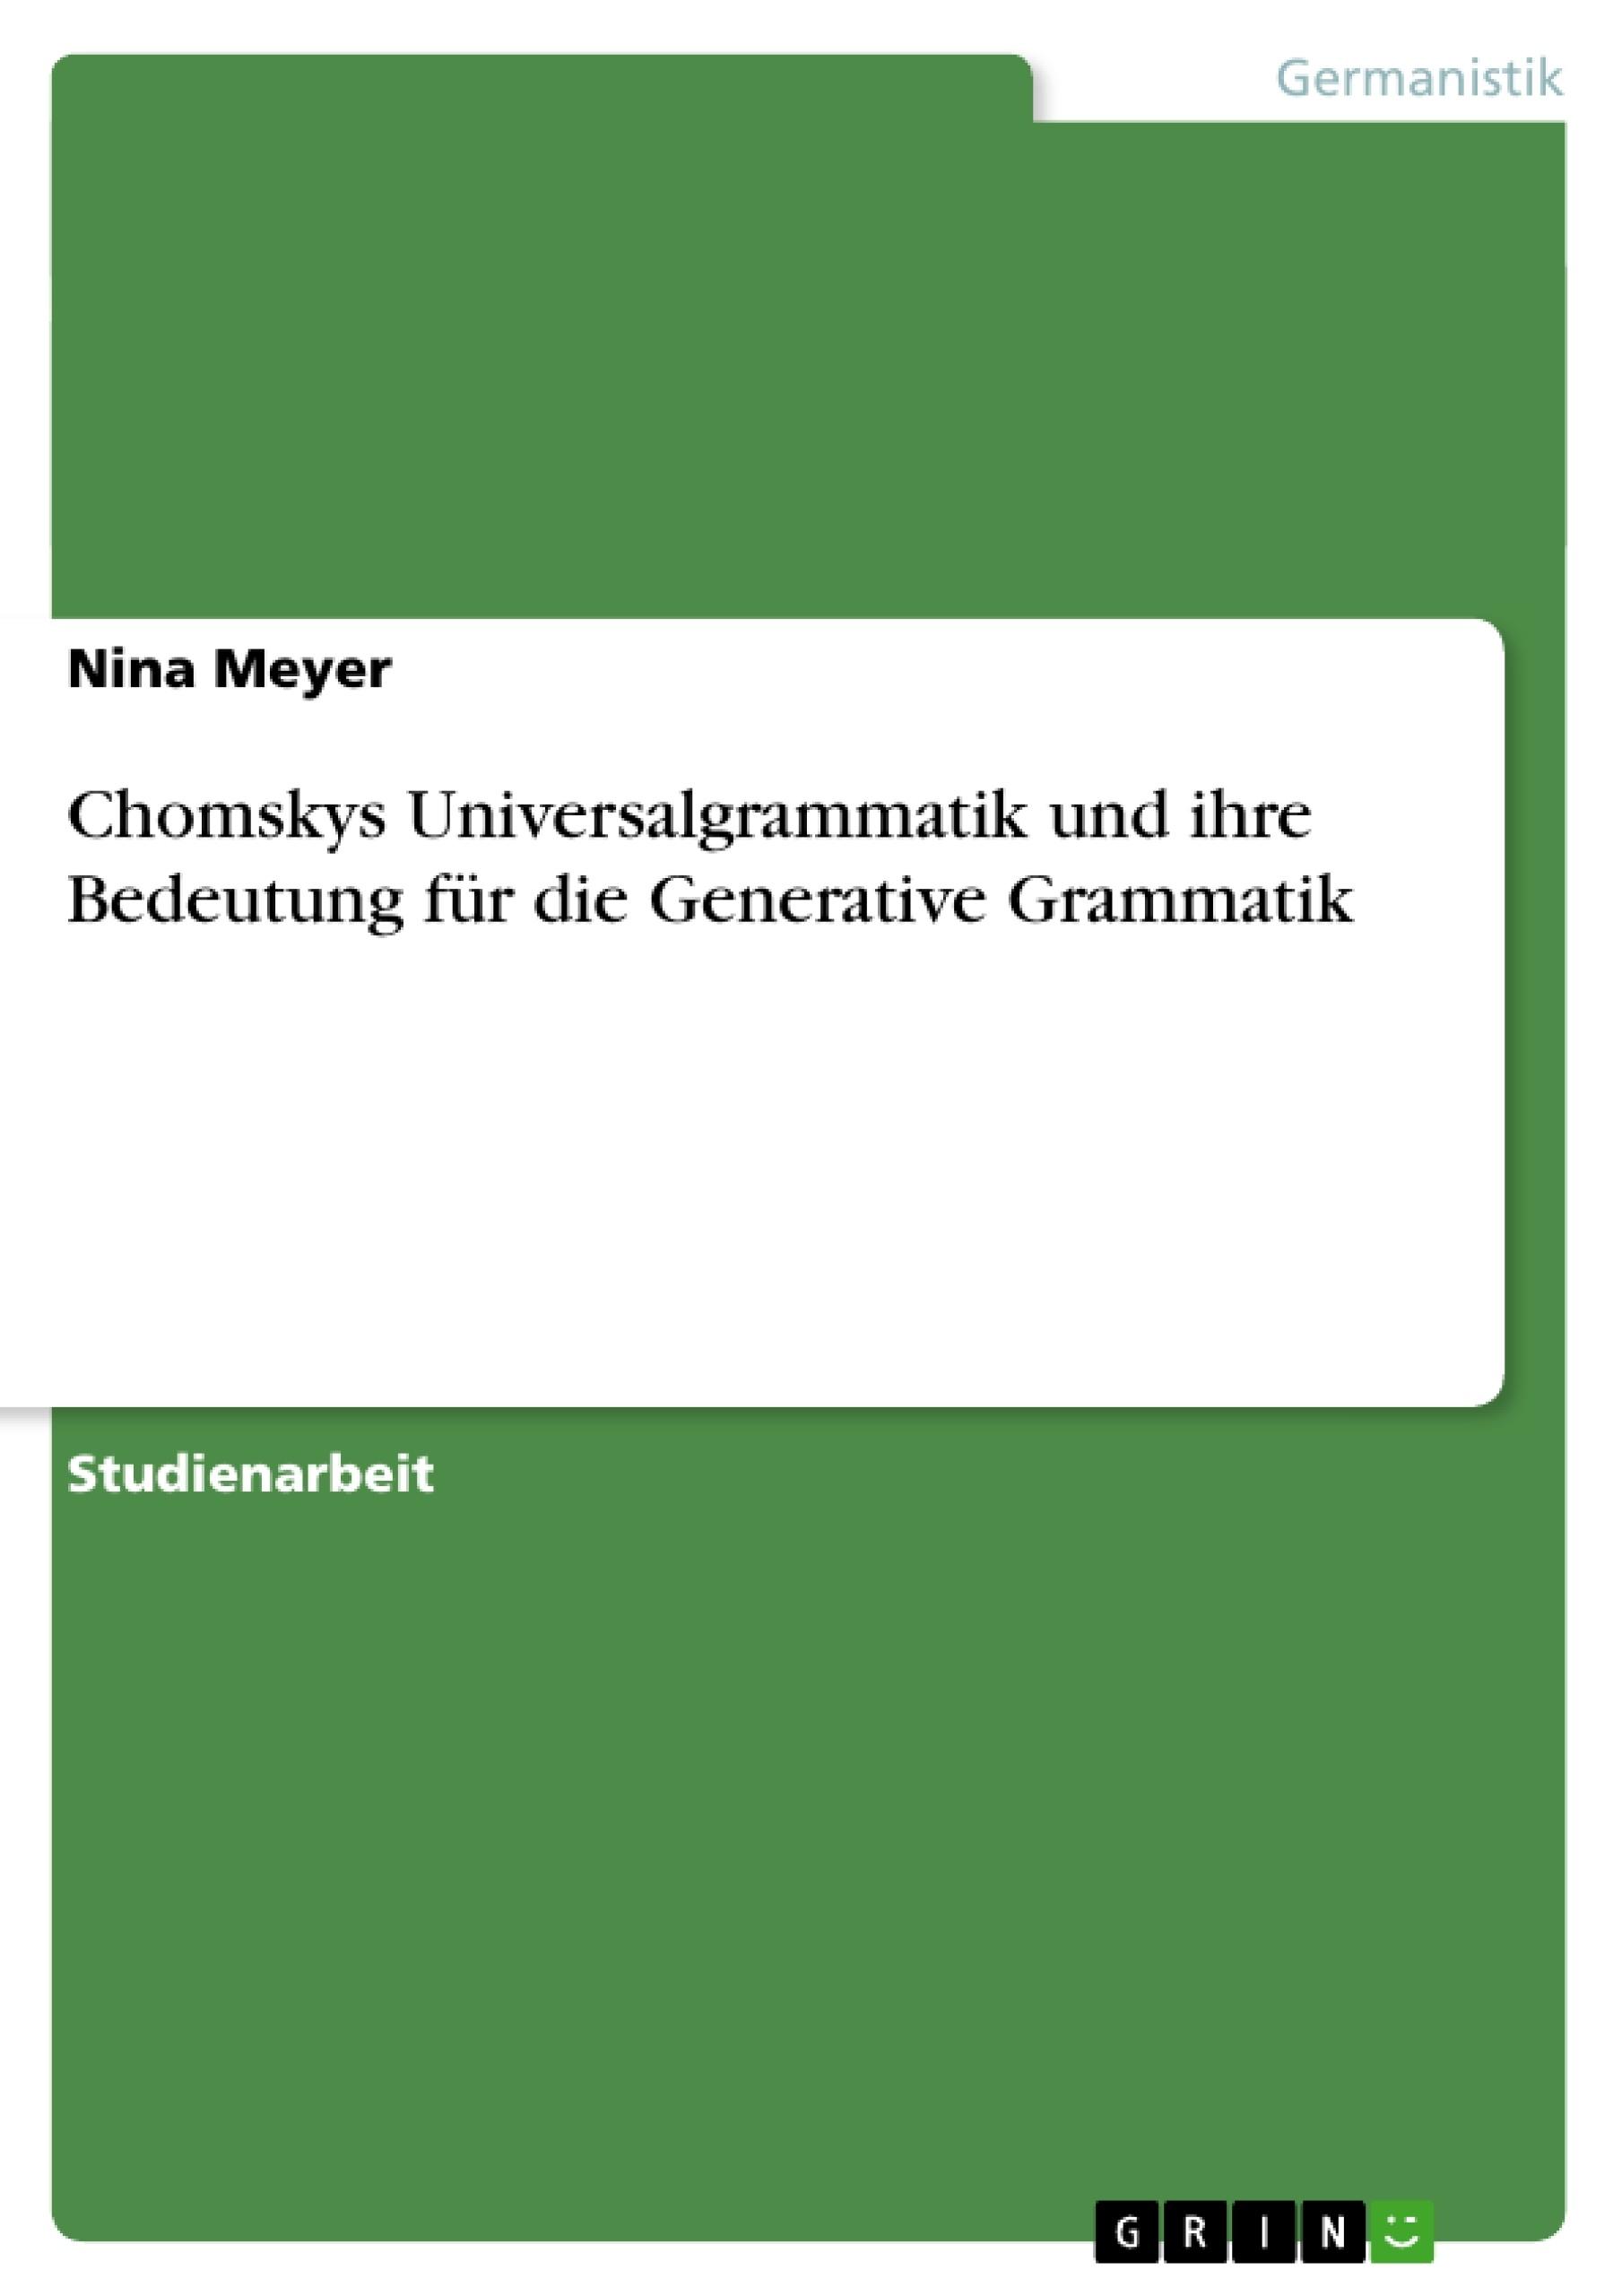 Titel: Chomskys Universalgrammatik und ihre Bedeutung für die Generative Grammatik